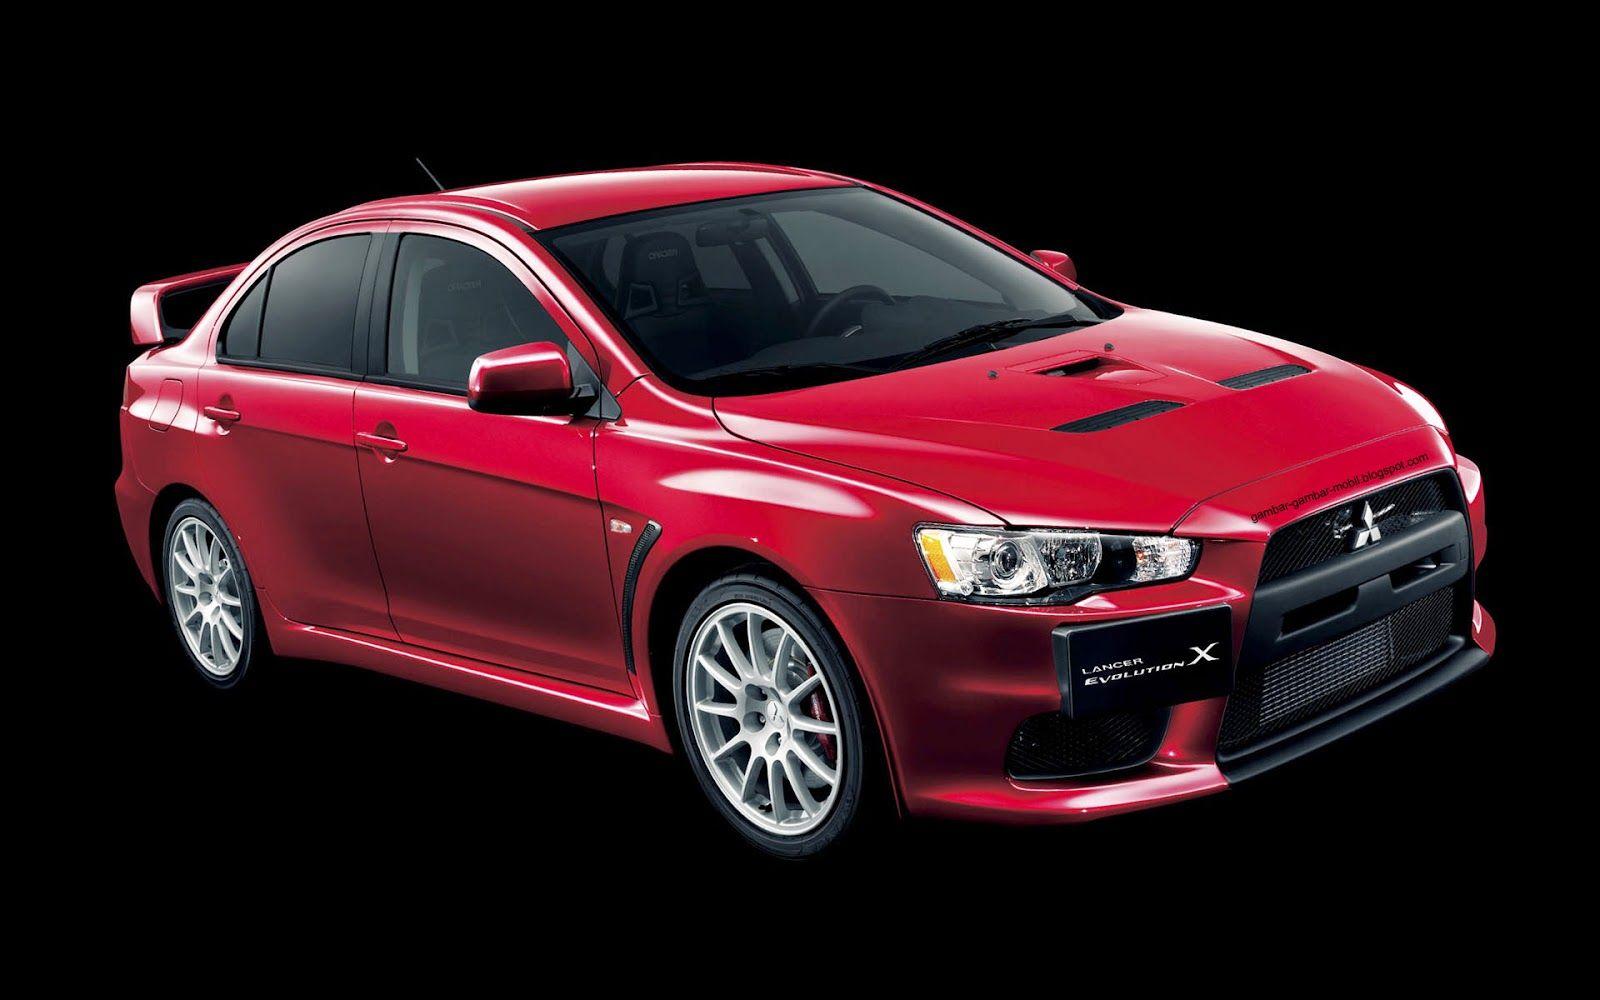 Gambar Mobil Mitsubishi Lancer Gambar Gambar Mobil Mitsubishi Lancer Mitsubishi Lancer